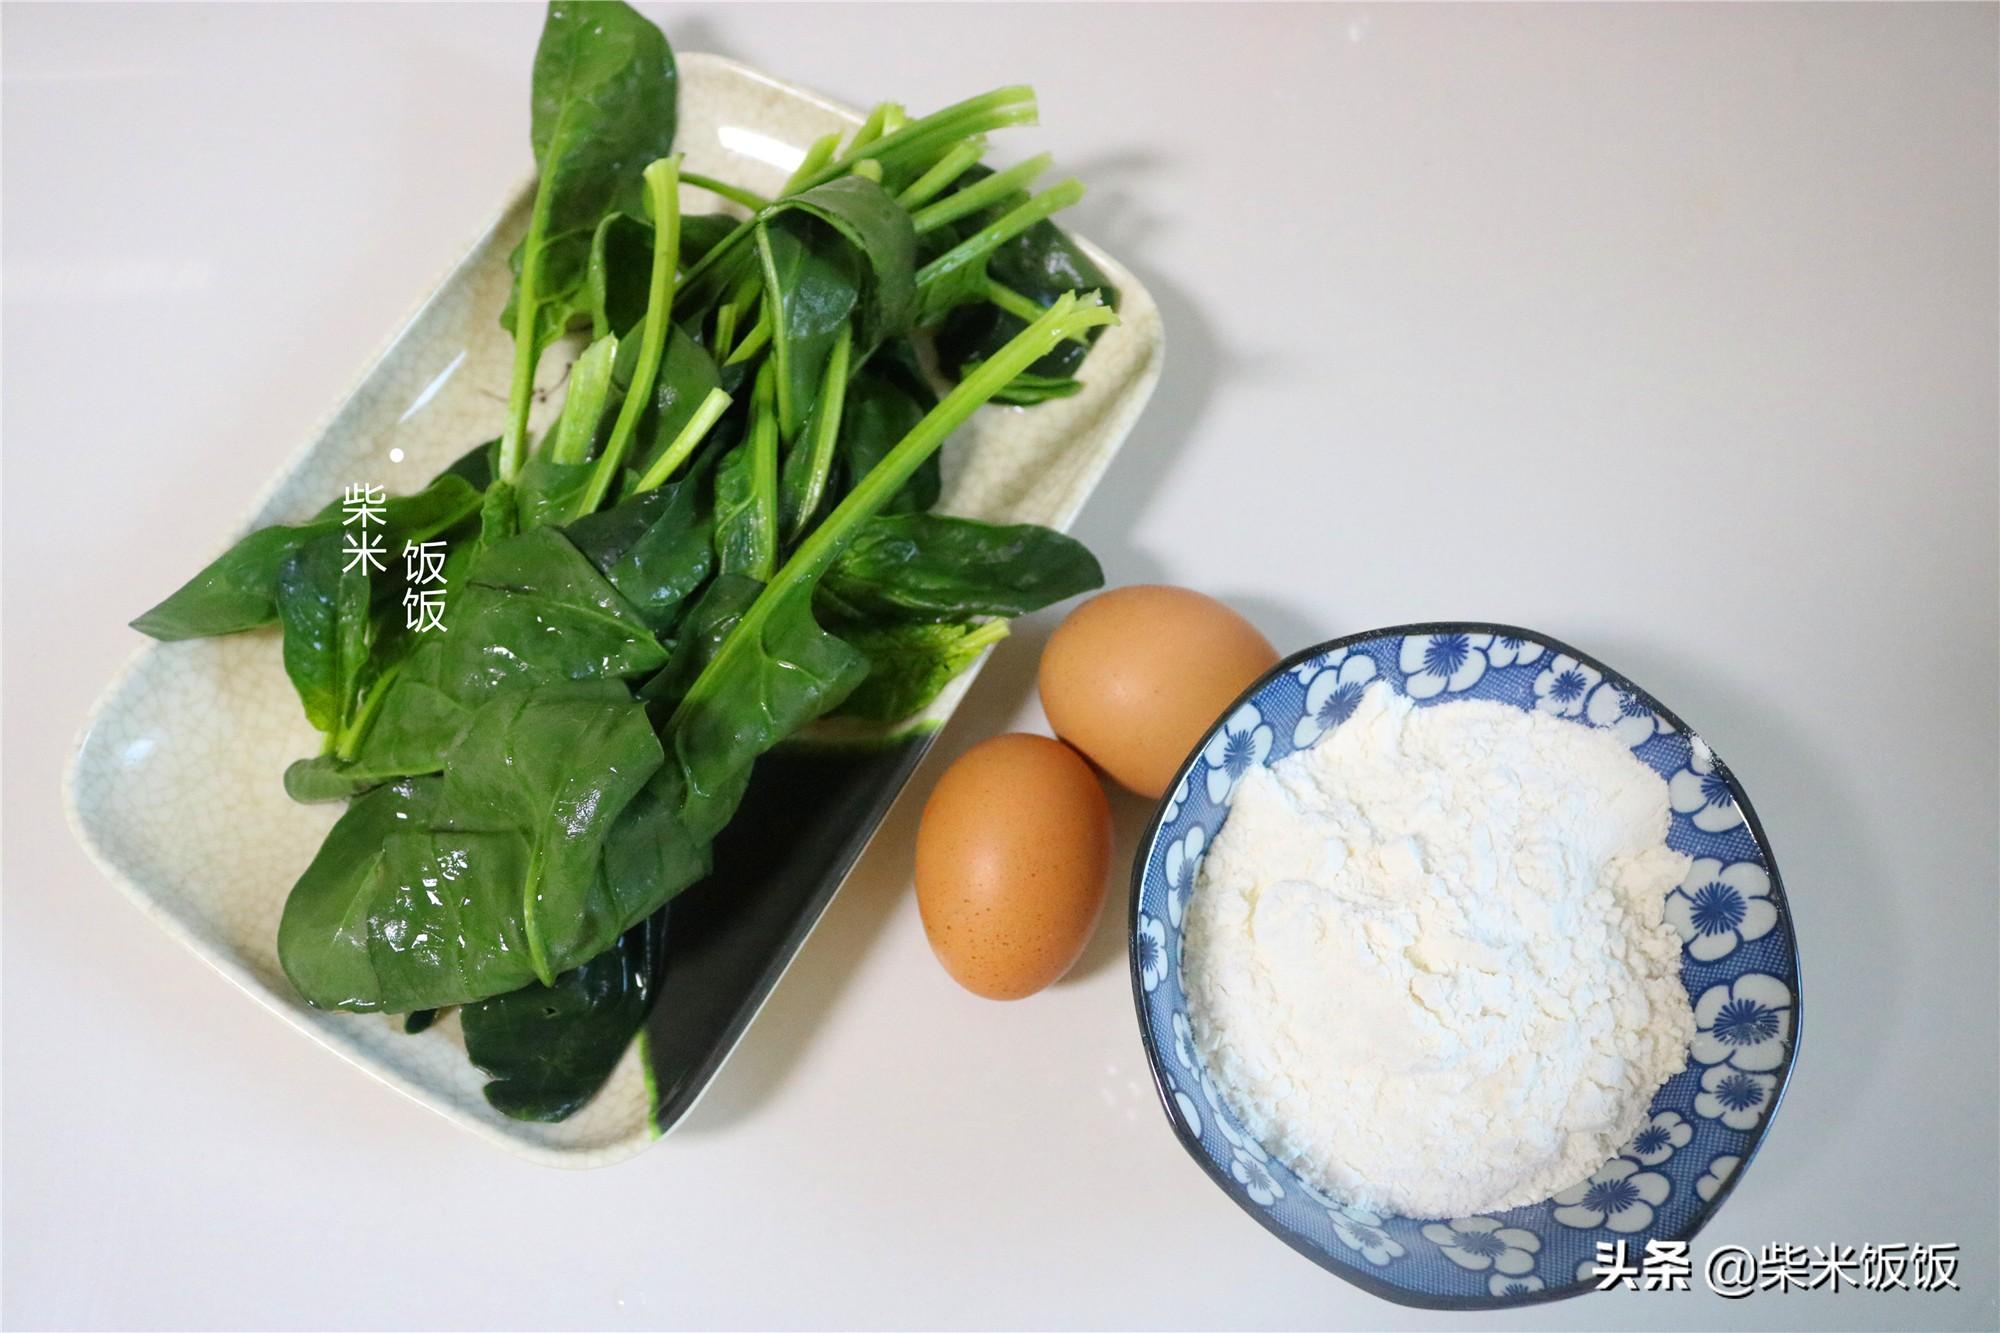 鸡蛋和它是绝配,做成饼又香又软,早餐吃营养美味,做法也简单